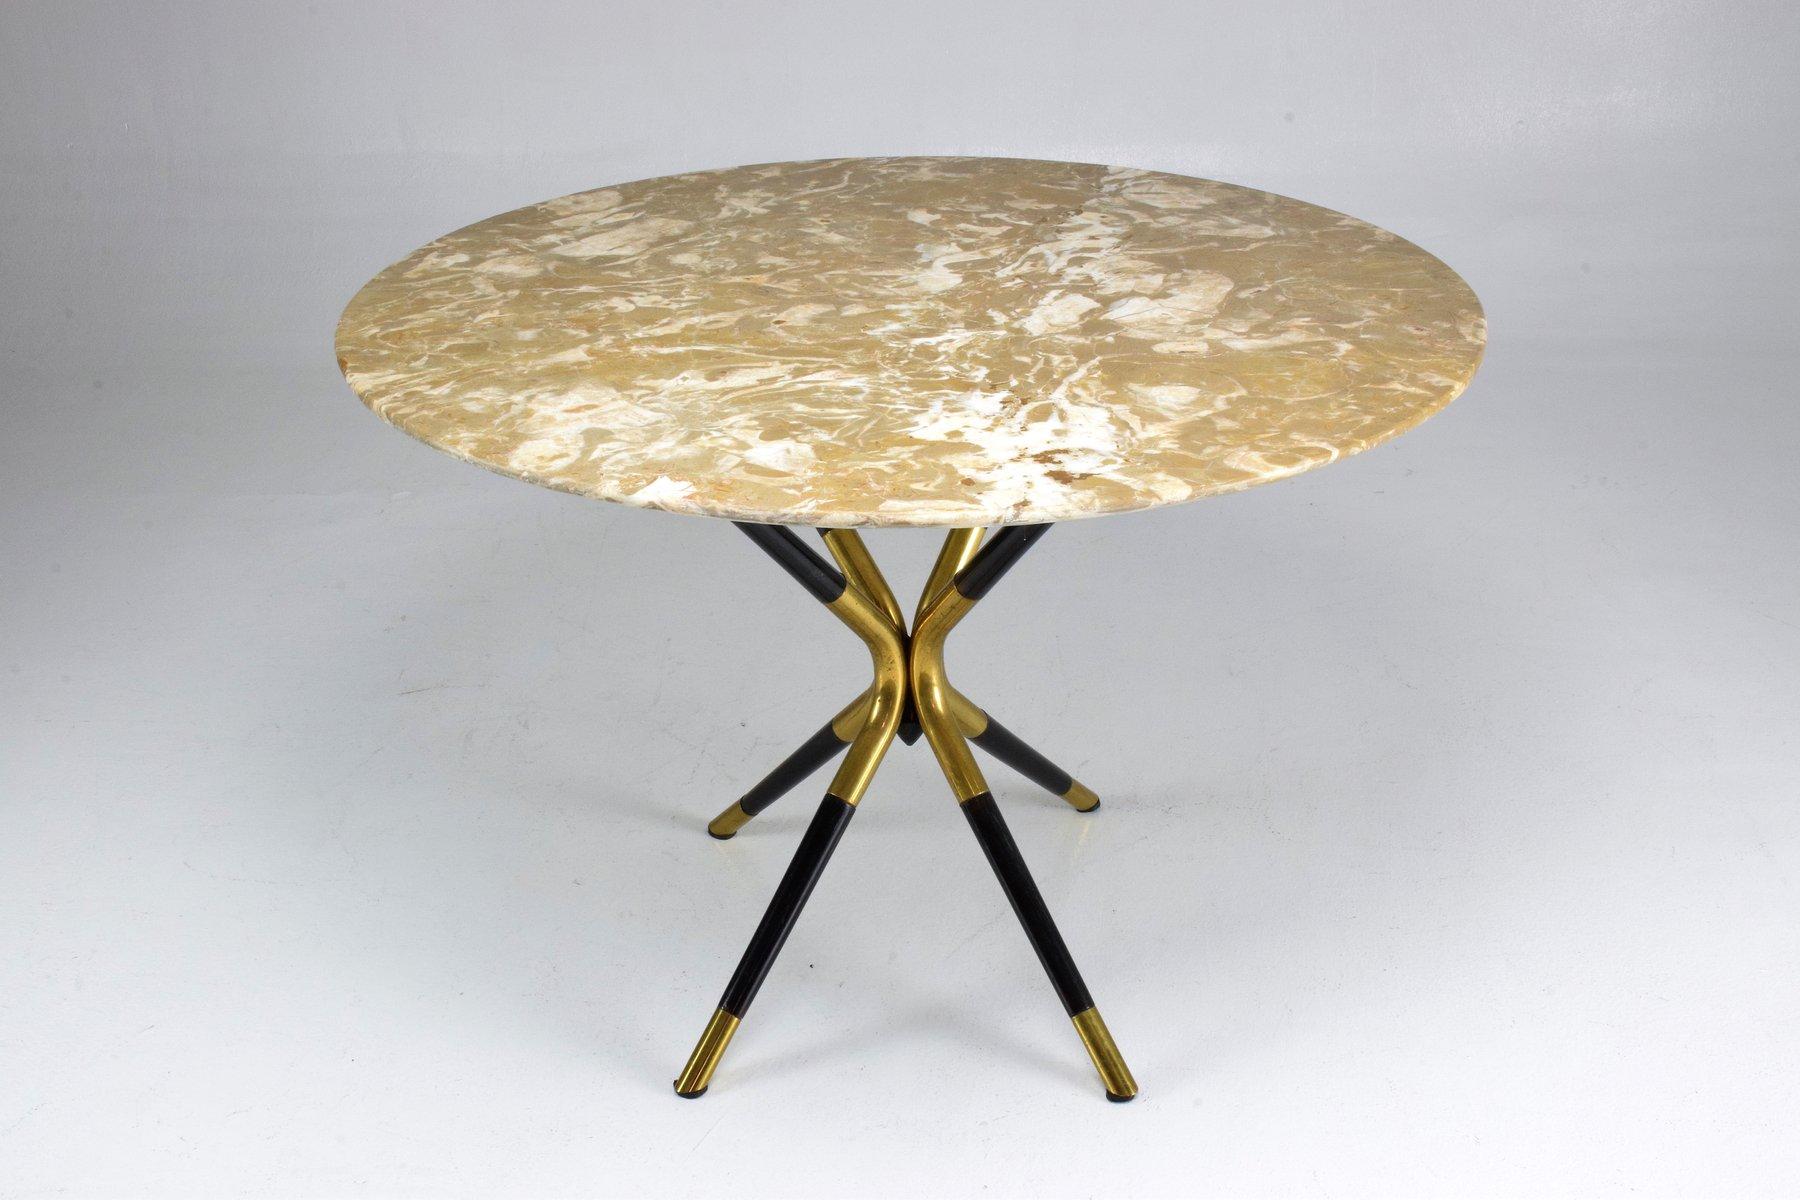 runder italienischer vintage tisch aus marmor von cesare lacca 1950er bei pamono kaufen. Black Bedroom Furniture Sets. Home Design Ideas